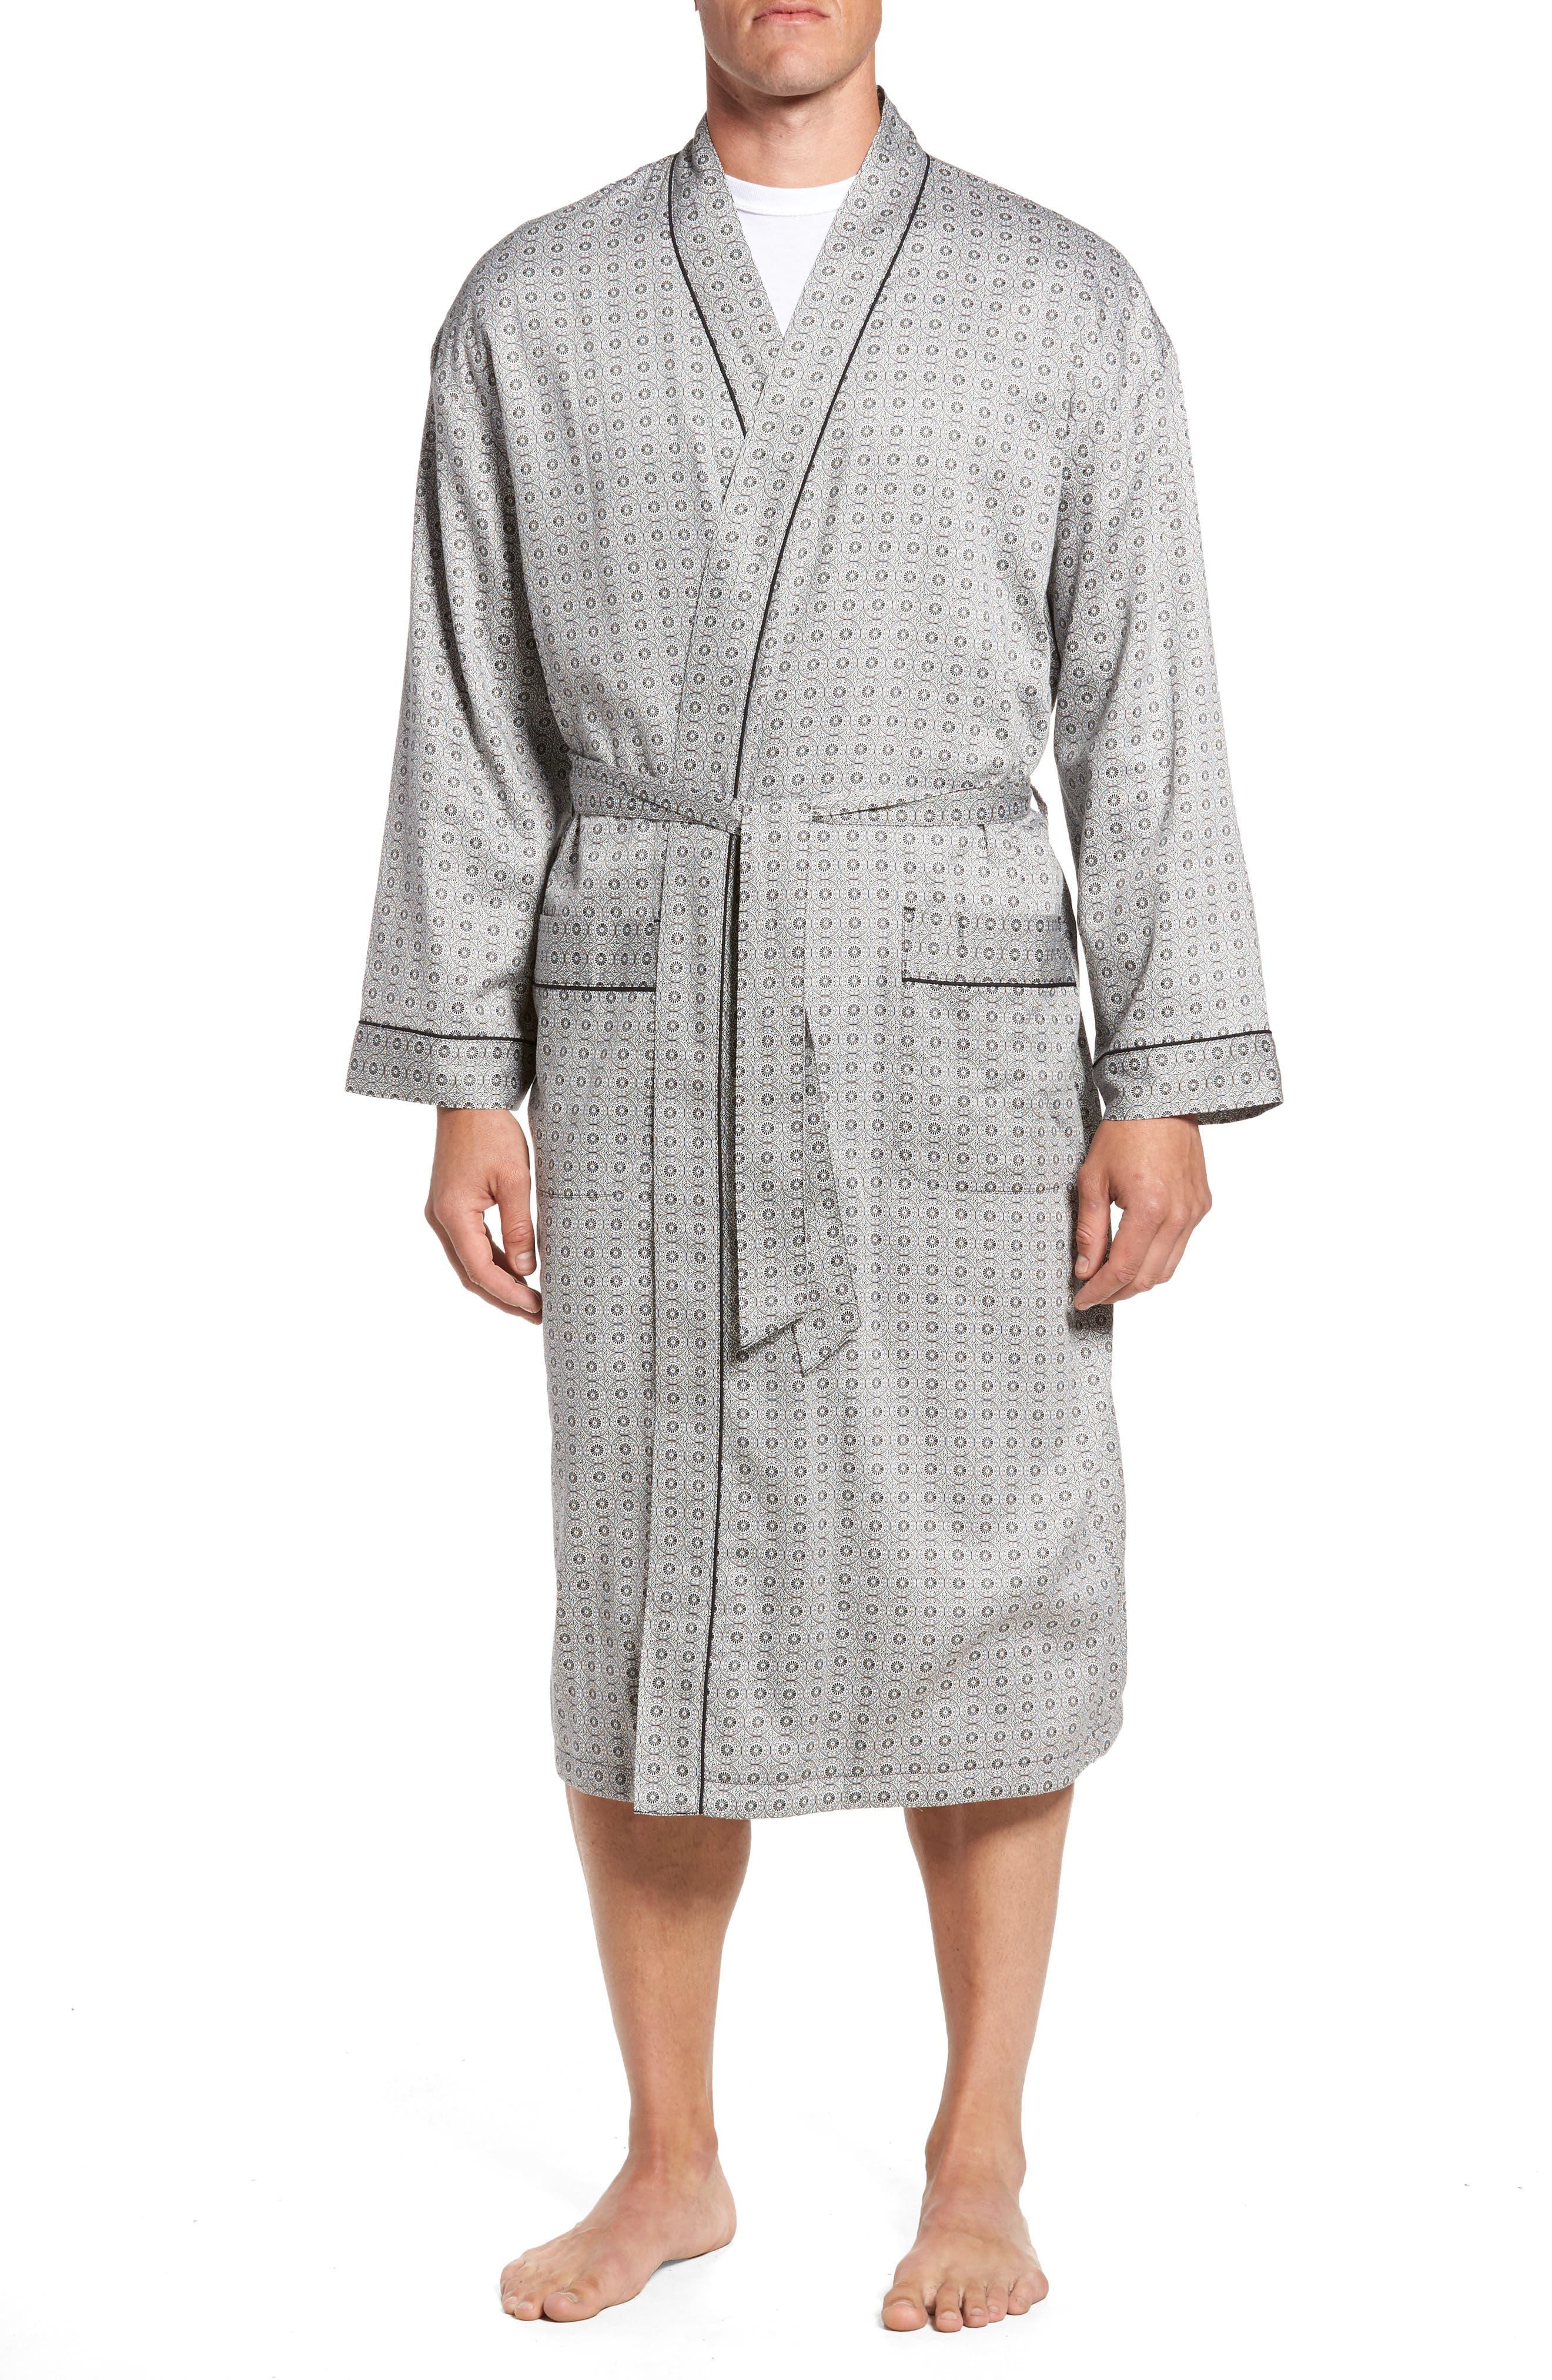 Winterlude Robe,                         Main,                         color, Black